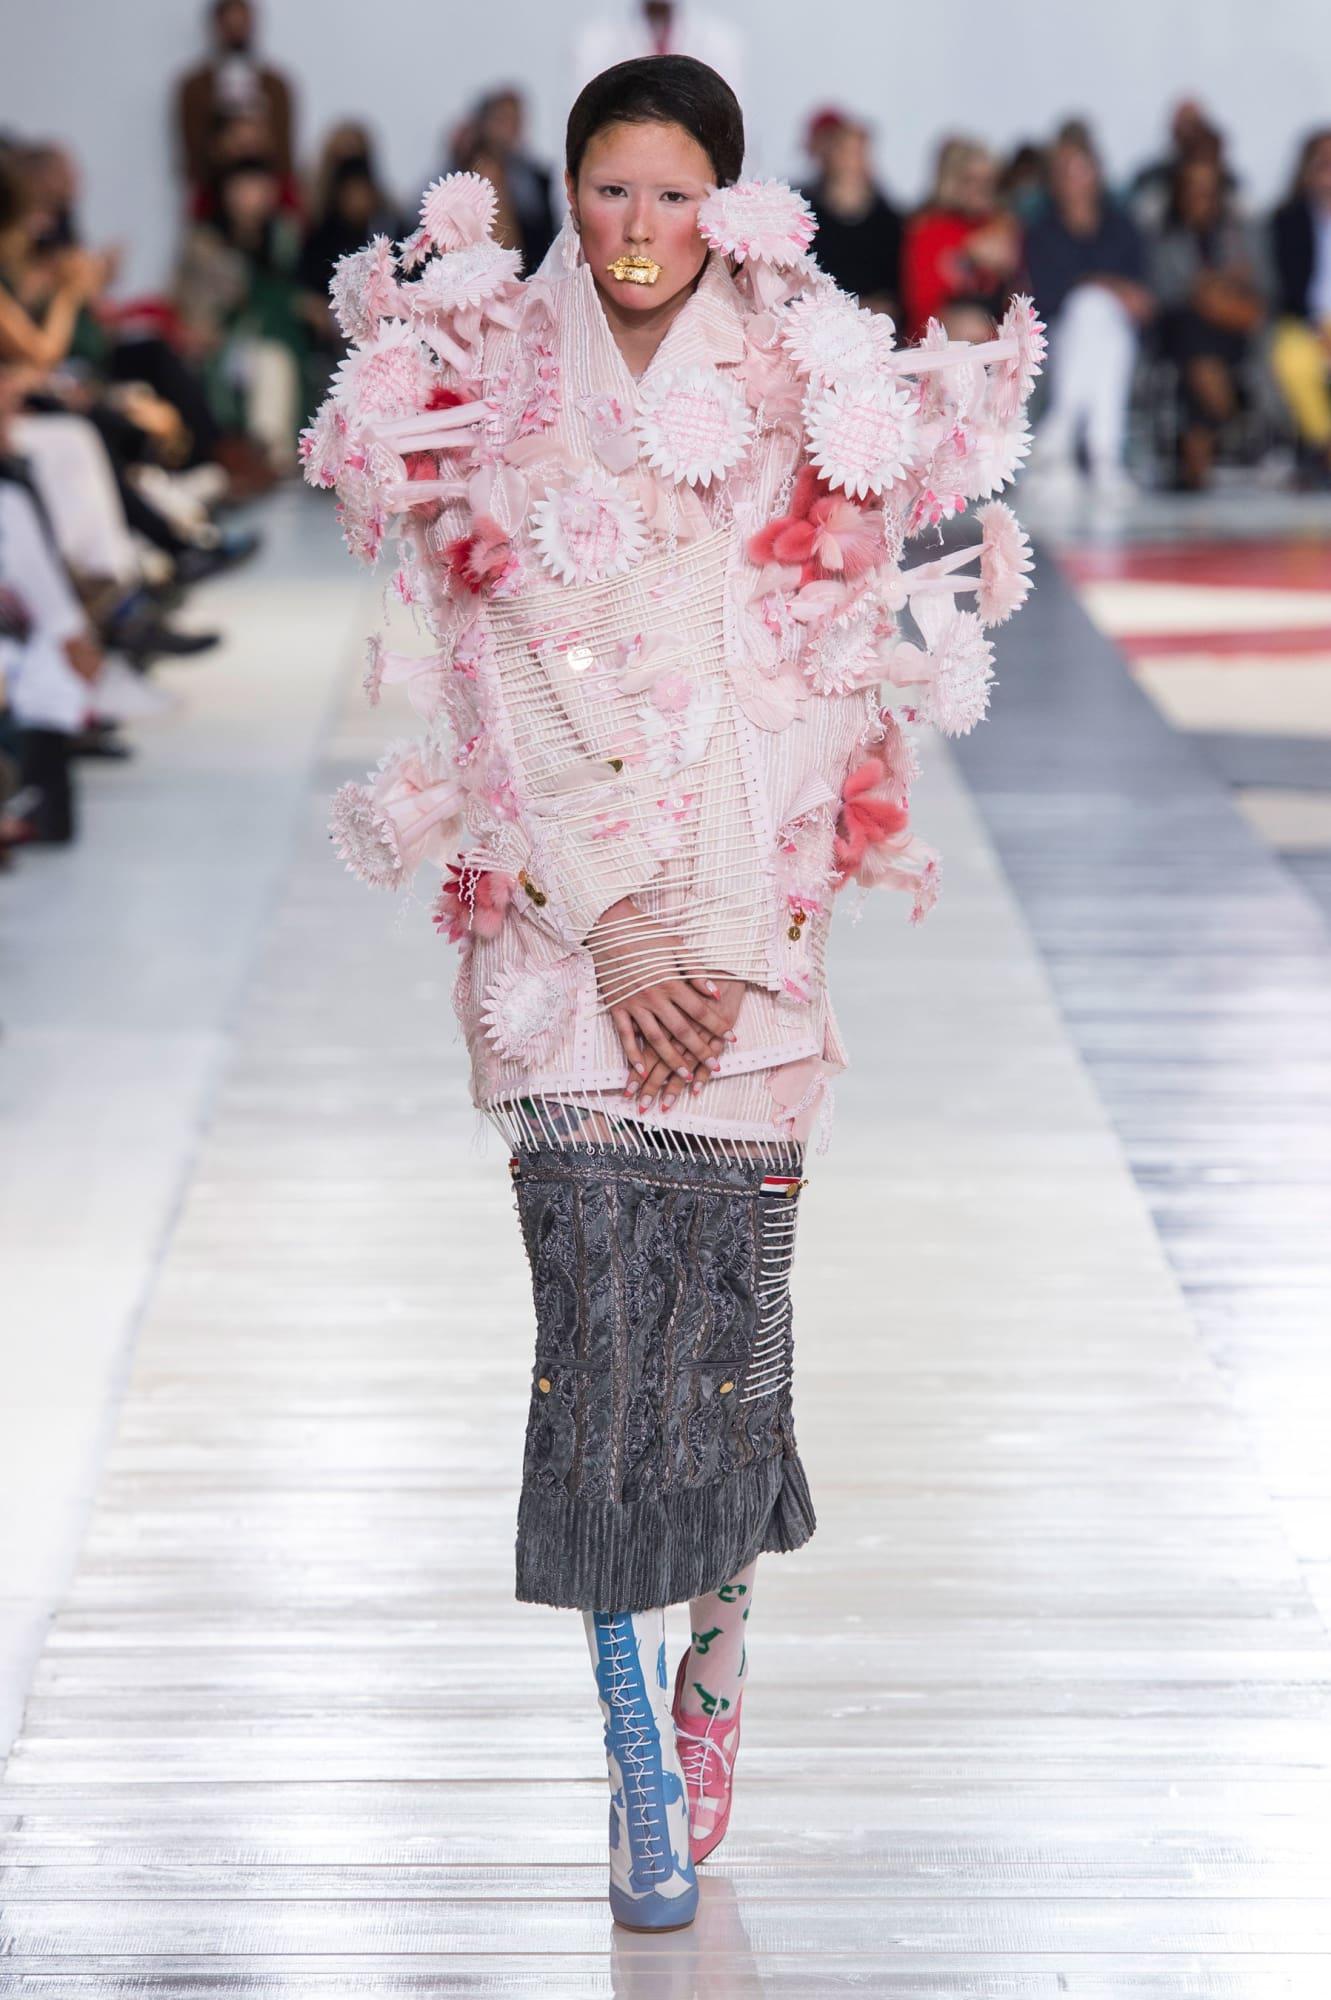 Sự gợi cảm của người mẫu nữ trên sàn diễn thời trang